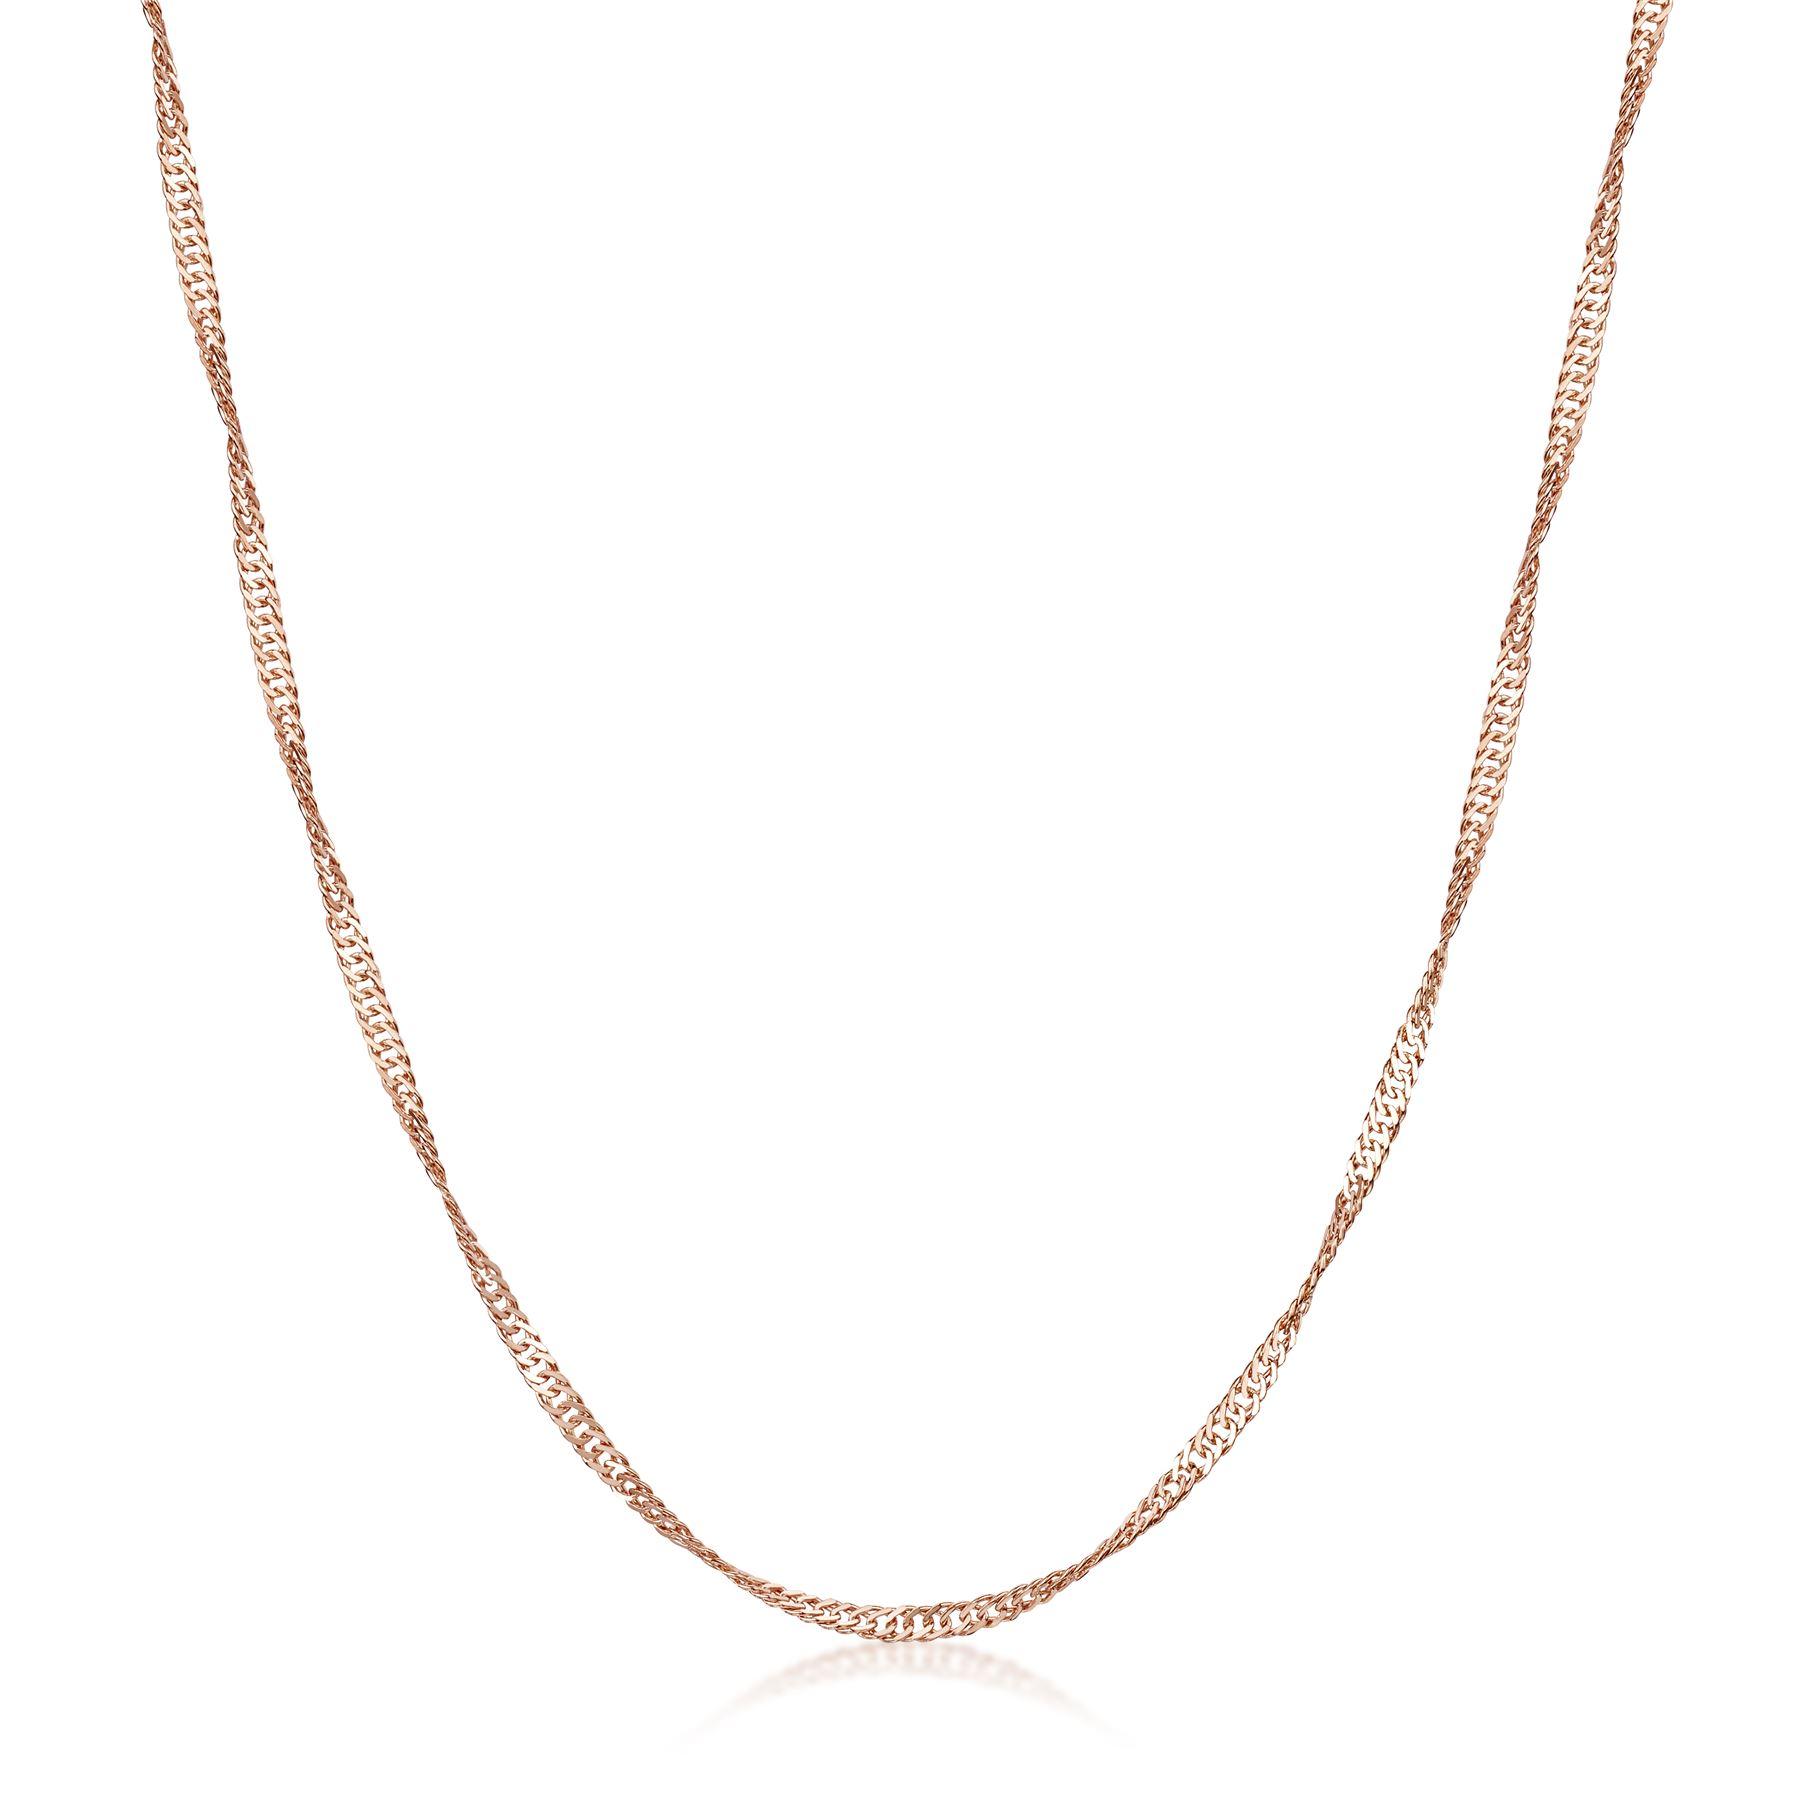 Amberta-Collar-en-Fina-Plata-De-Ley-925-y-Chapado-Oro-Rosa-14k-Cadena-para-Mujer miniatura 40